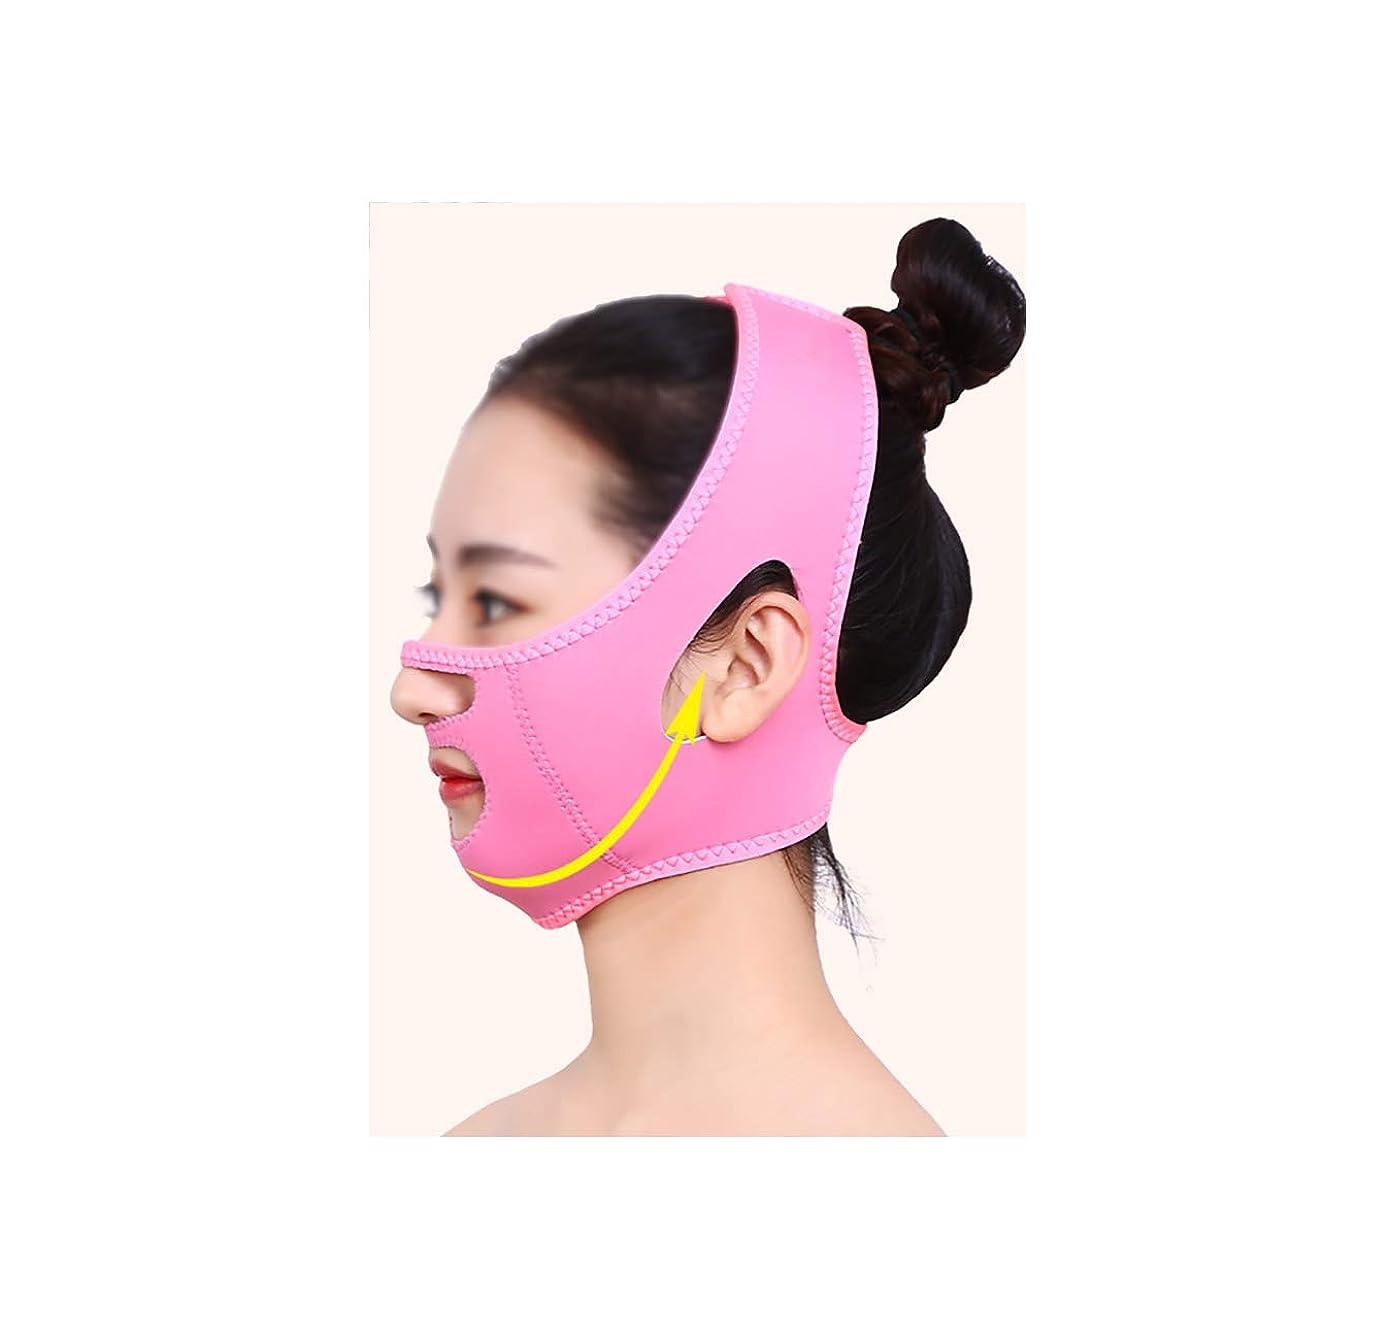 フランクワースリーレーダー織機TLMY 薄い顔マスクマスク顔機美容機器ローラー顔薄い顔Vフェイスマスク二重あご包帯アーティファクト 顔用整形マスク